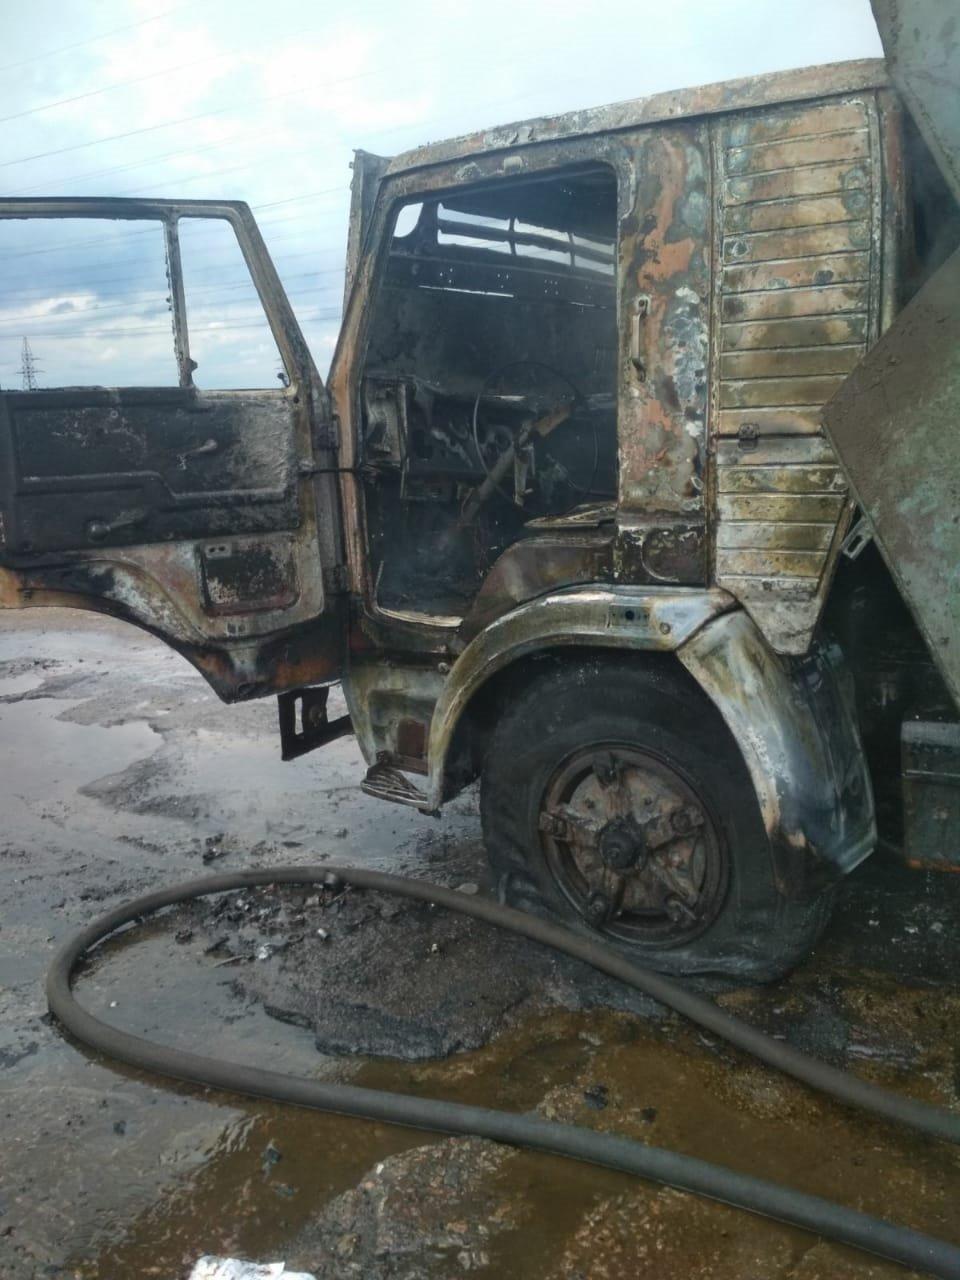 В Днепропетровской области на трассе во время движения загорелся грузовик, - ФОТО, фото-3